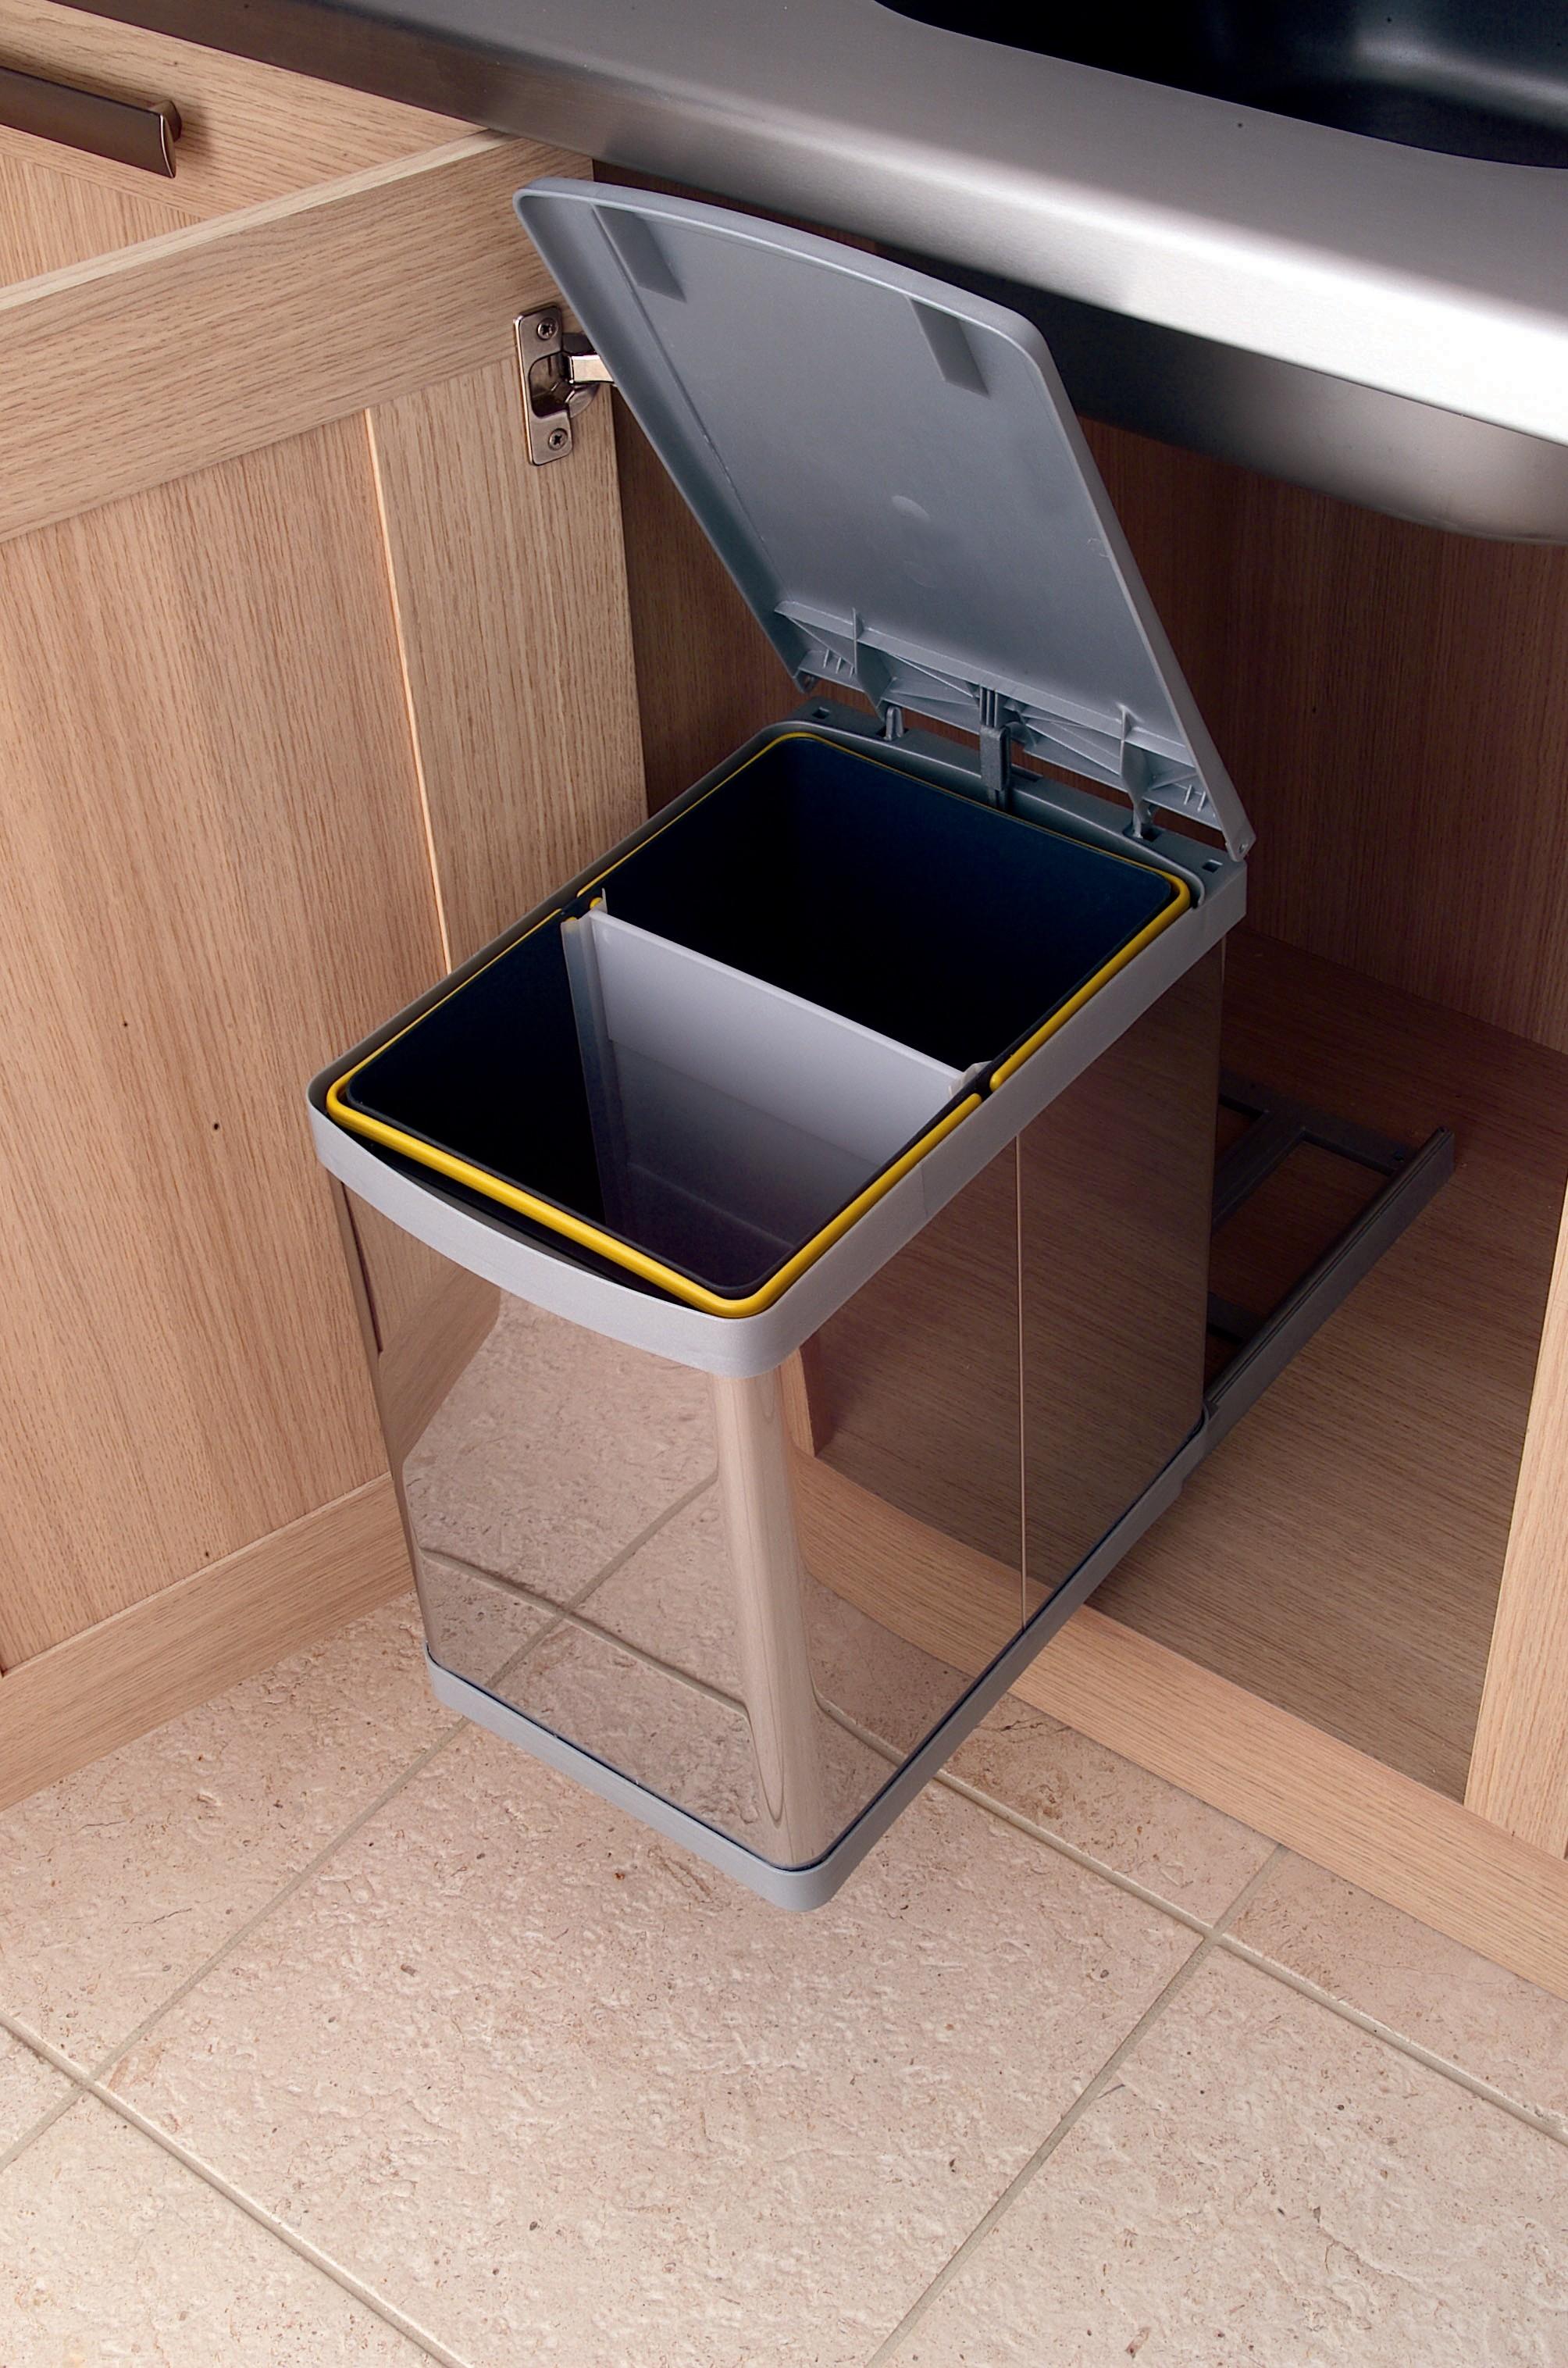 Waste Bin Waste Bin 20 L Stainless Steel 380mm H 423mm W